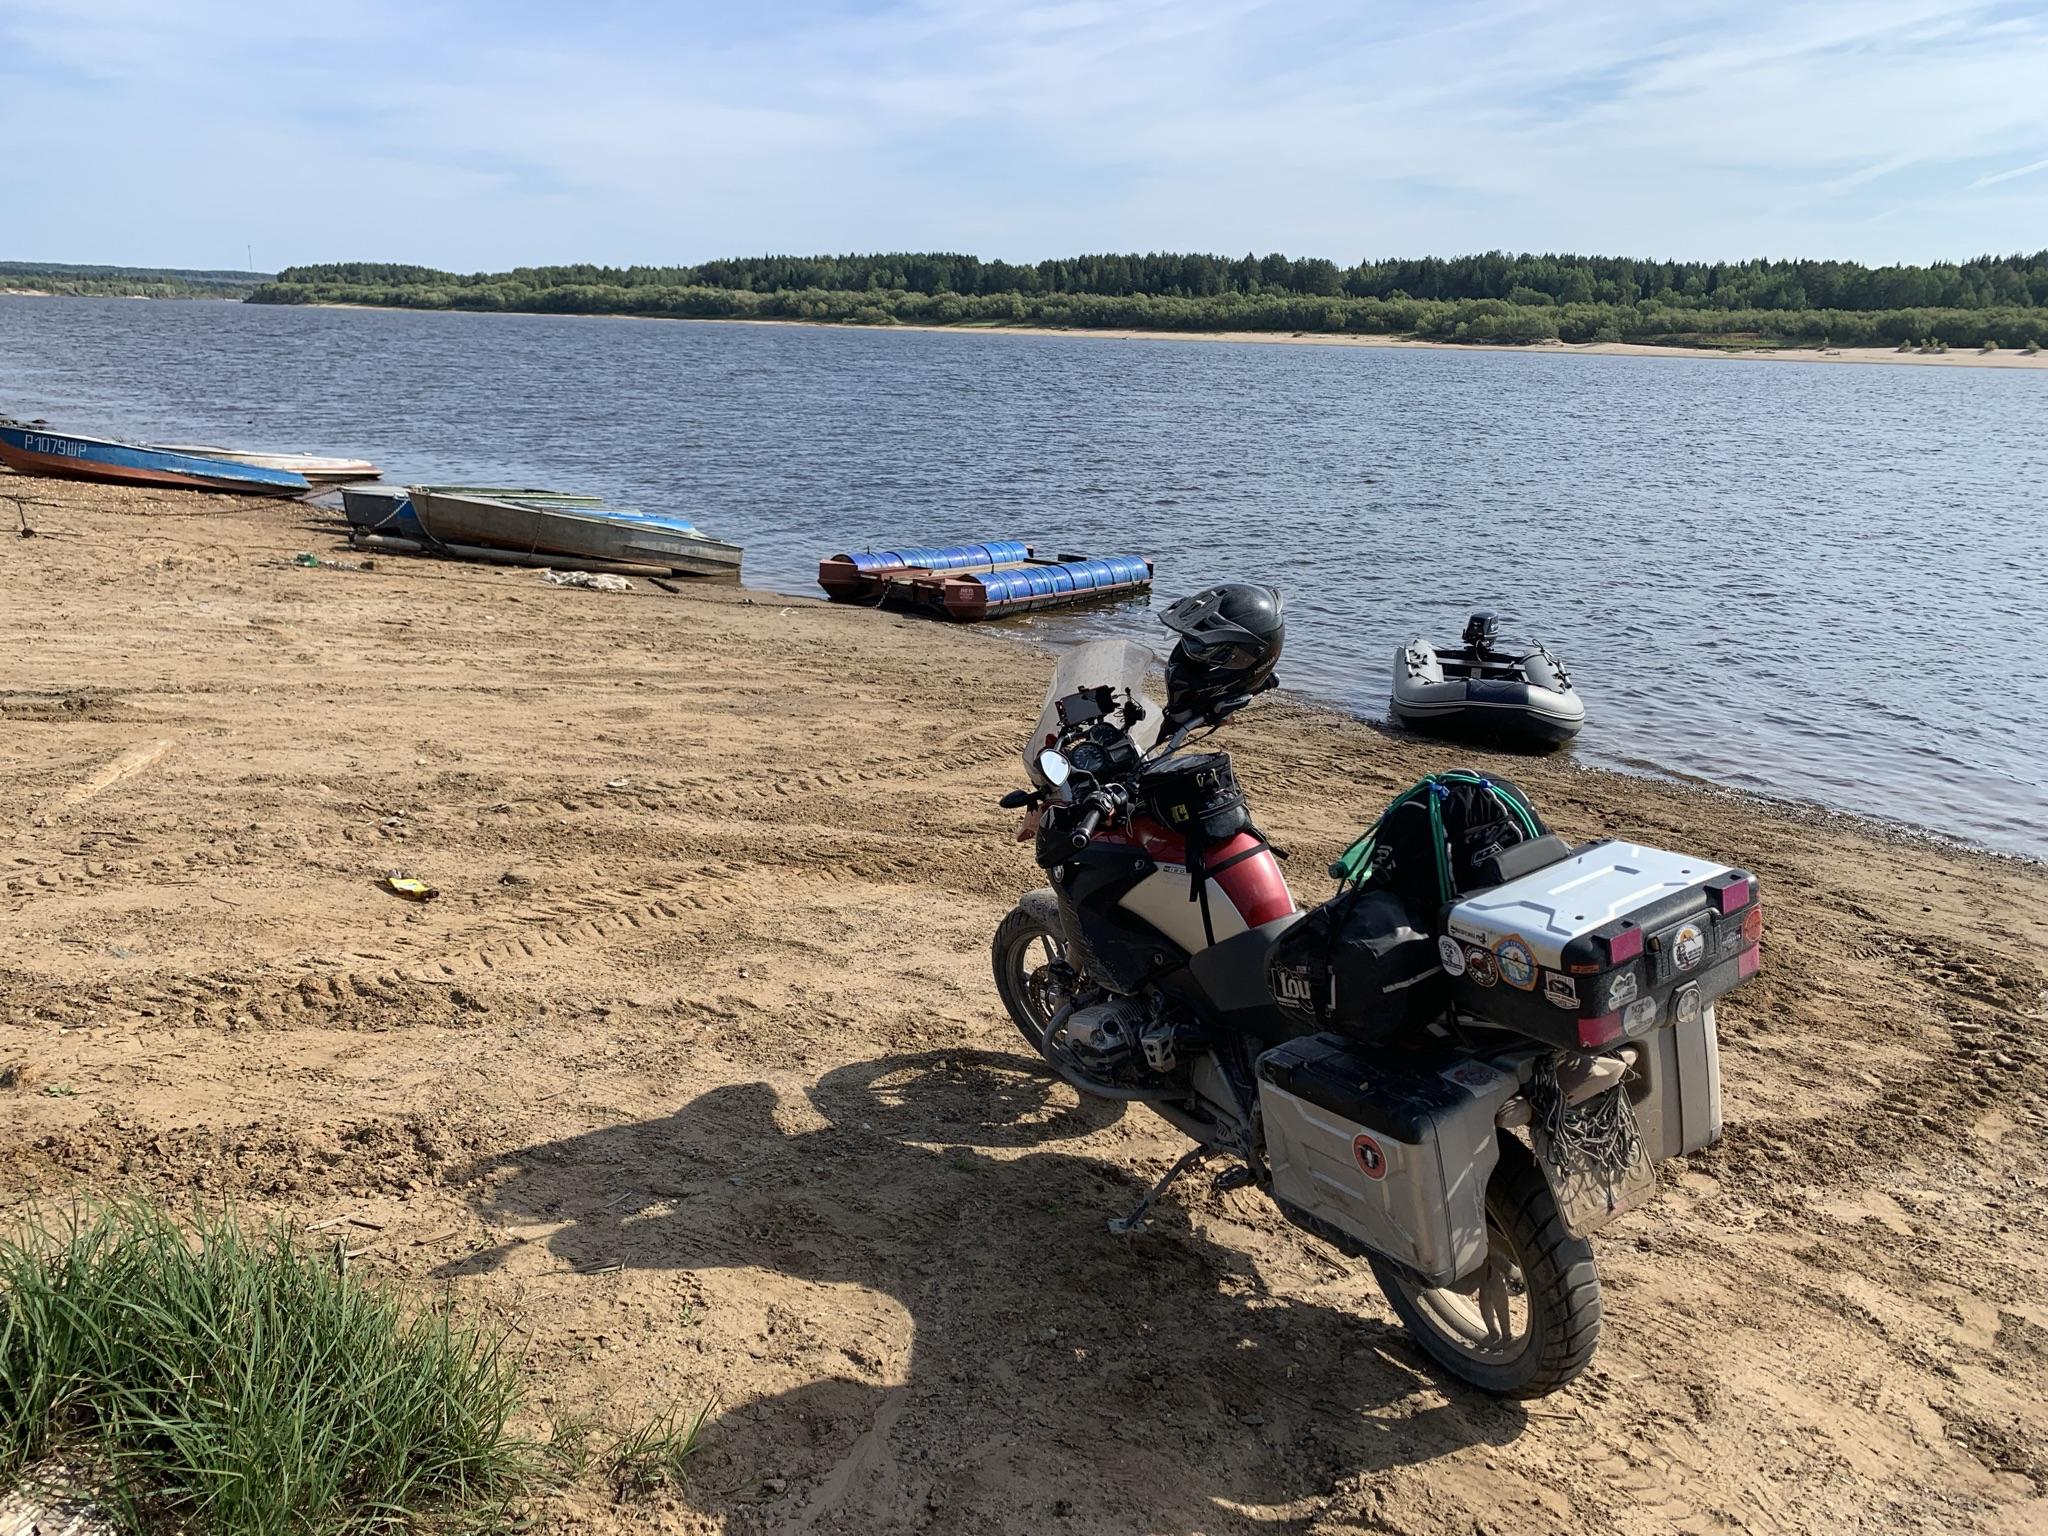 Это не пляж. Это парковка лодок.